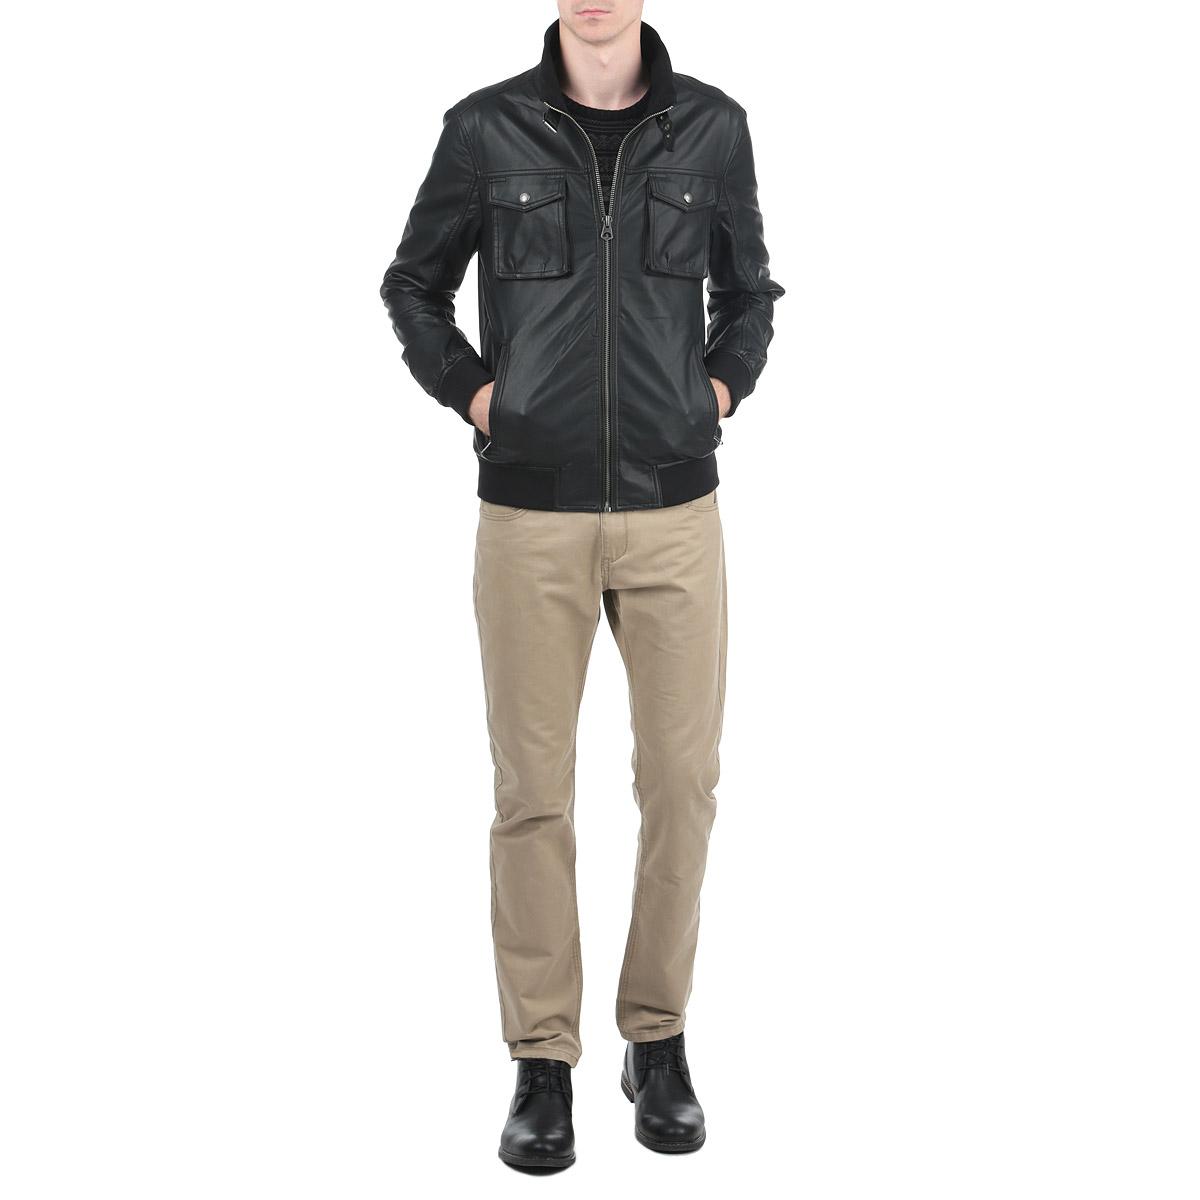 Куртка мужская. 1015307410153074_999Стильная мужская куртка Broadway выполнена из высококачественной искусственной матовой кожи с подкладкой из полиэстера и рассчитана на прохладную погоду. Куртка поможет вам почувствовать себя максимально комфортно и стильно. Модель с длинными рукавами и воротником-стойкой застегивается на металлическую застежку-молнию. Манжеты и воротник изделия дополнены текстильными вставками. Куртка дополнена двумя втачными карманами на застежке молнии и двумя нашивными карманами на металлических кнопках. На внутренней стороне изделия расположен прорезной карман на липучке. Модный дизайн и практичность - отличный выбор на каждый день!